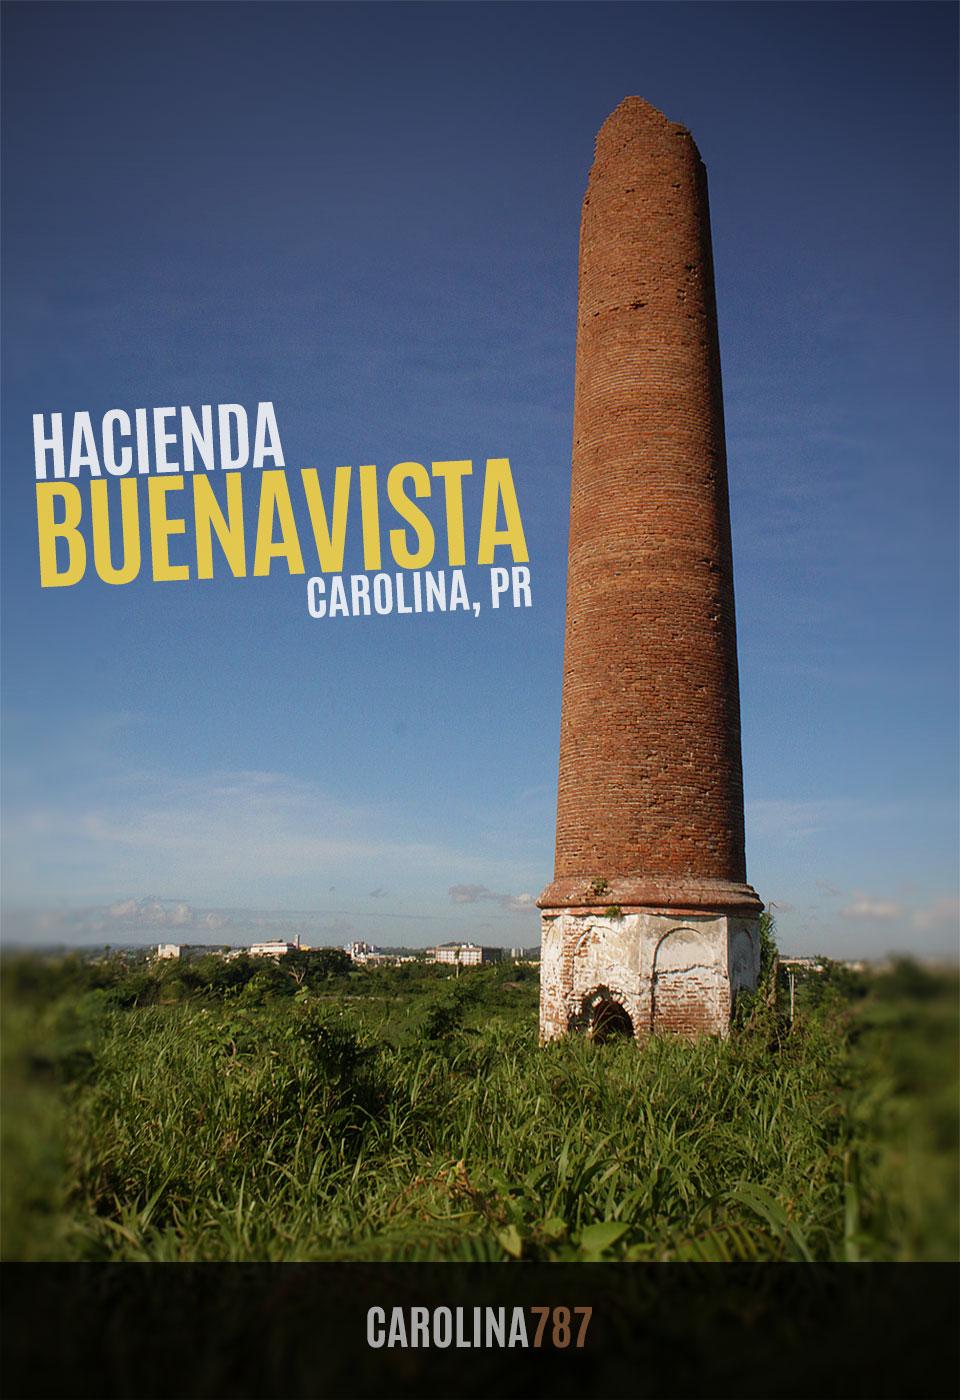 Chimenea de la antigua Hacienda Buenavista en Carolina Puerto Rico.